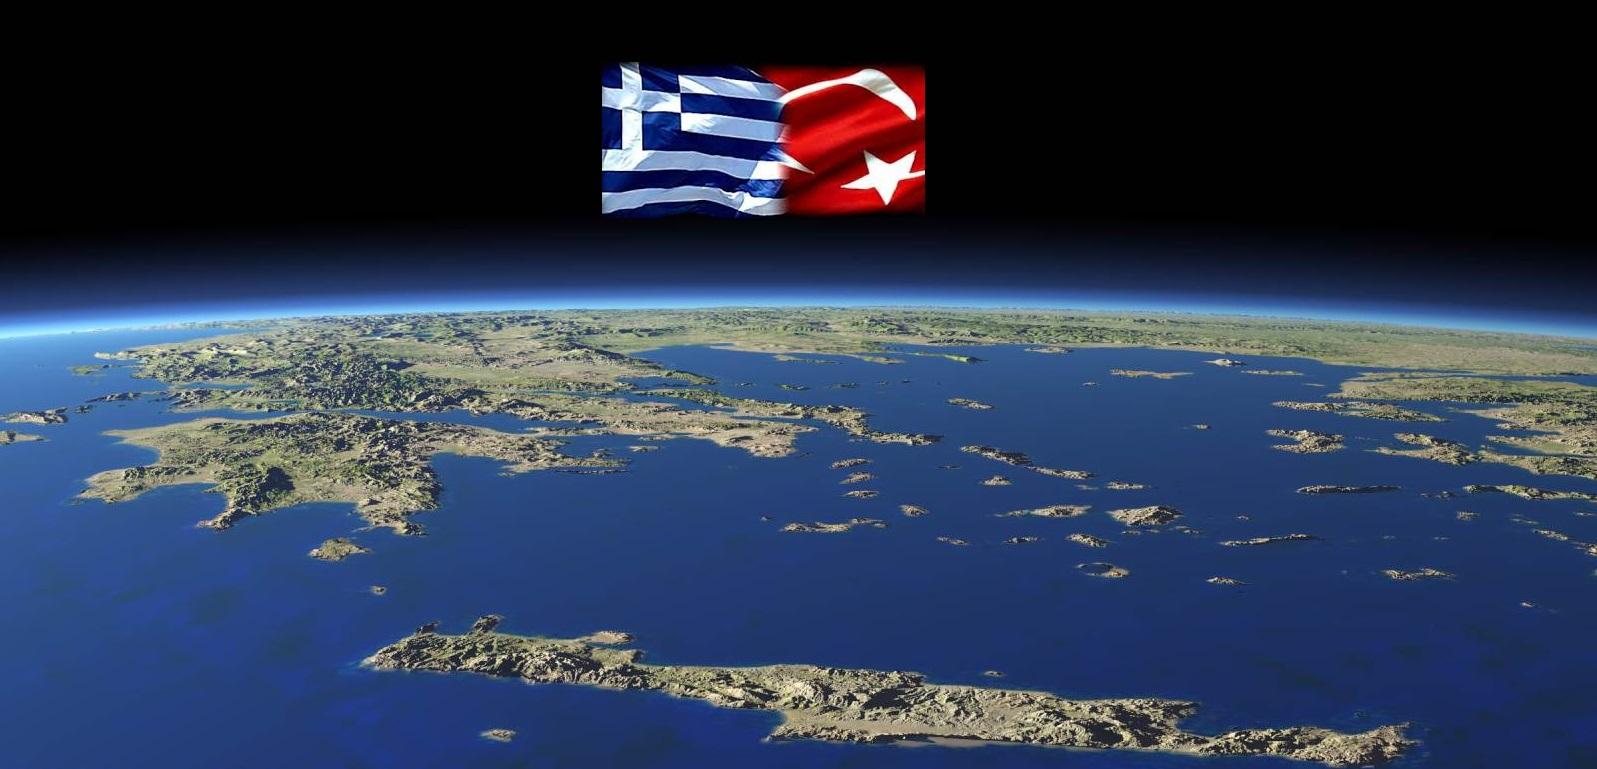 Ελλάδα-Τουρκία: Χτύπημα στο Αιγαίο αλλά ΟΧΙ πόλεμο προαναγγέλει ...